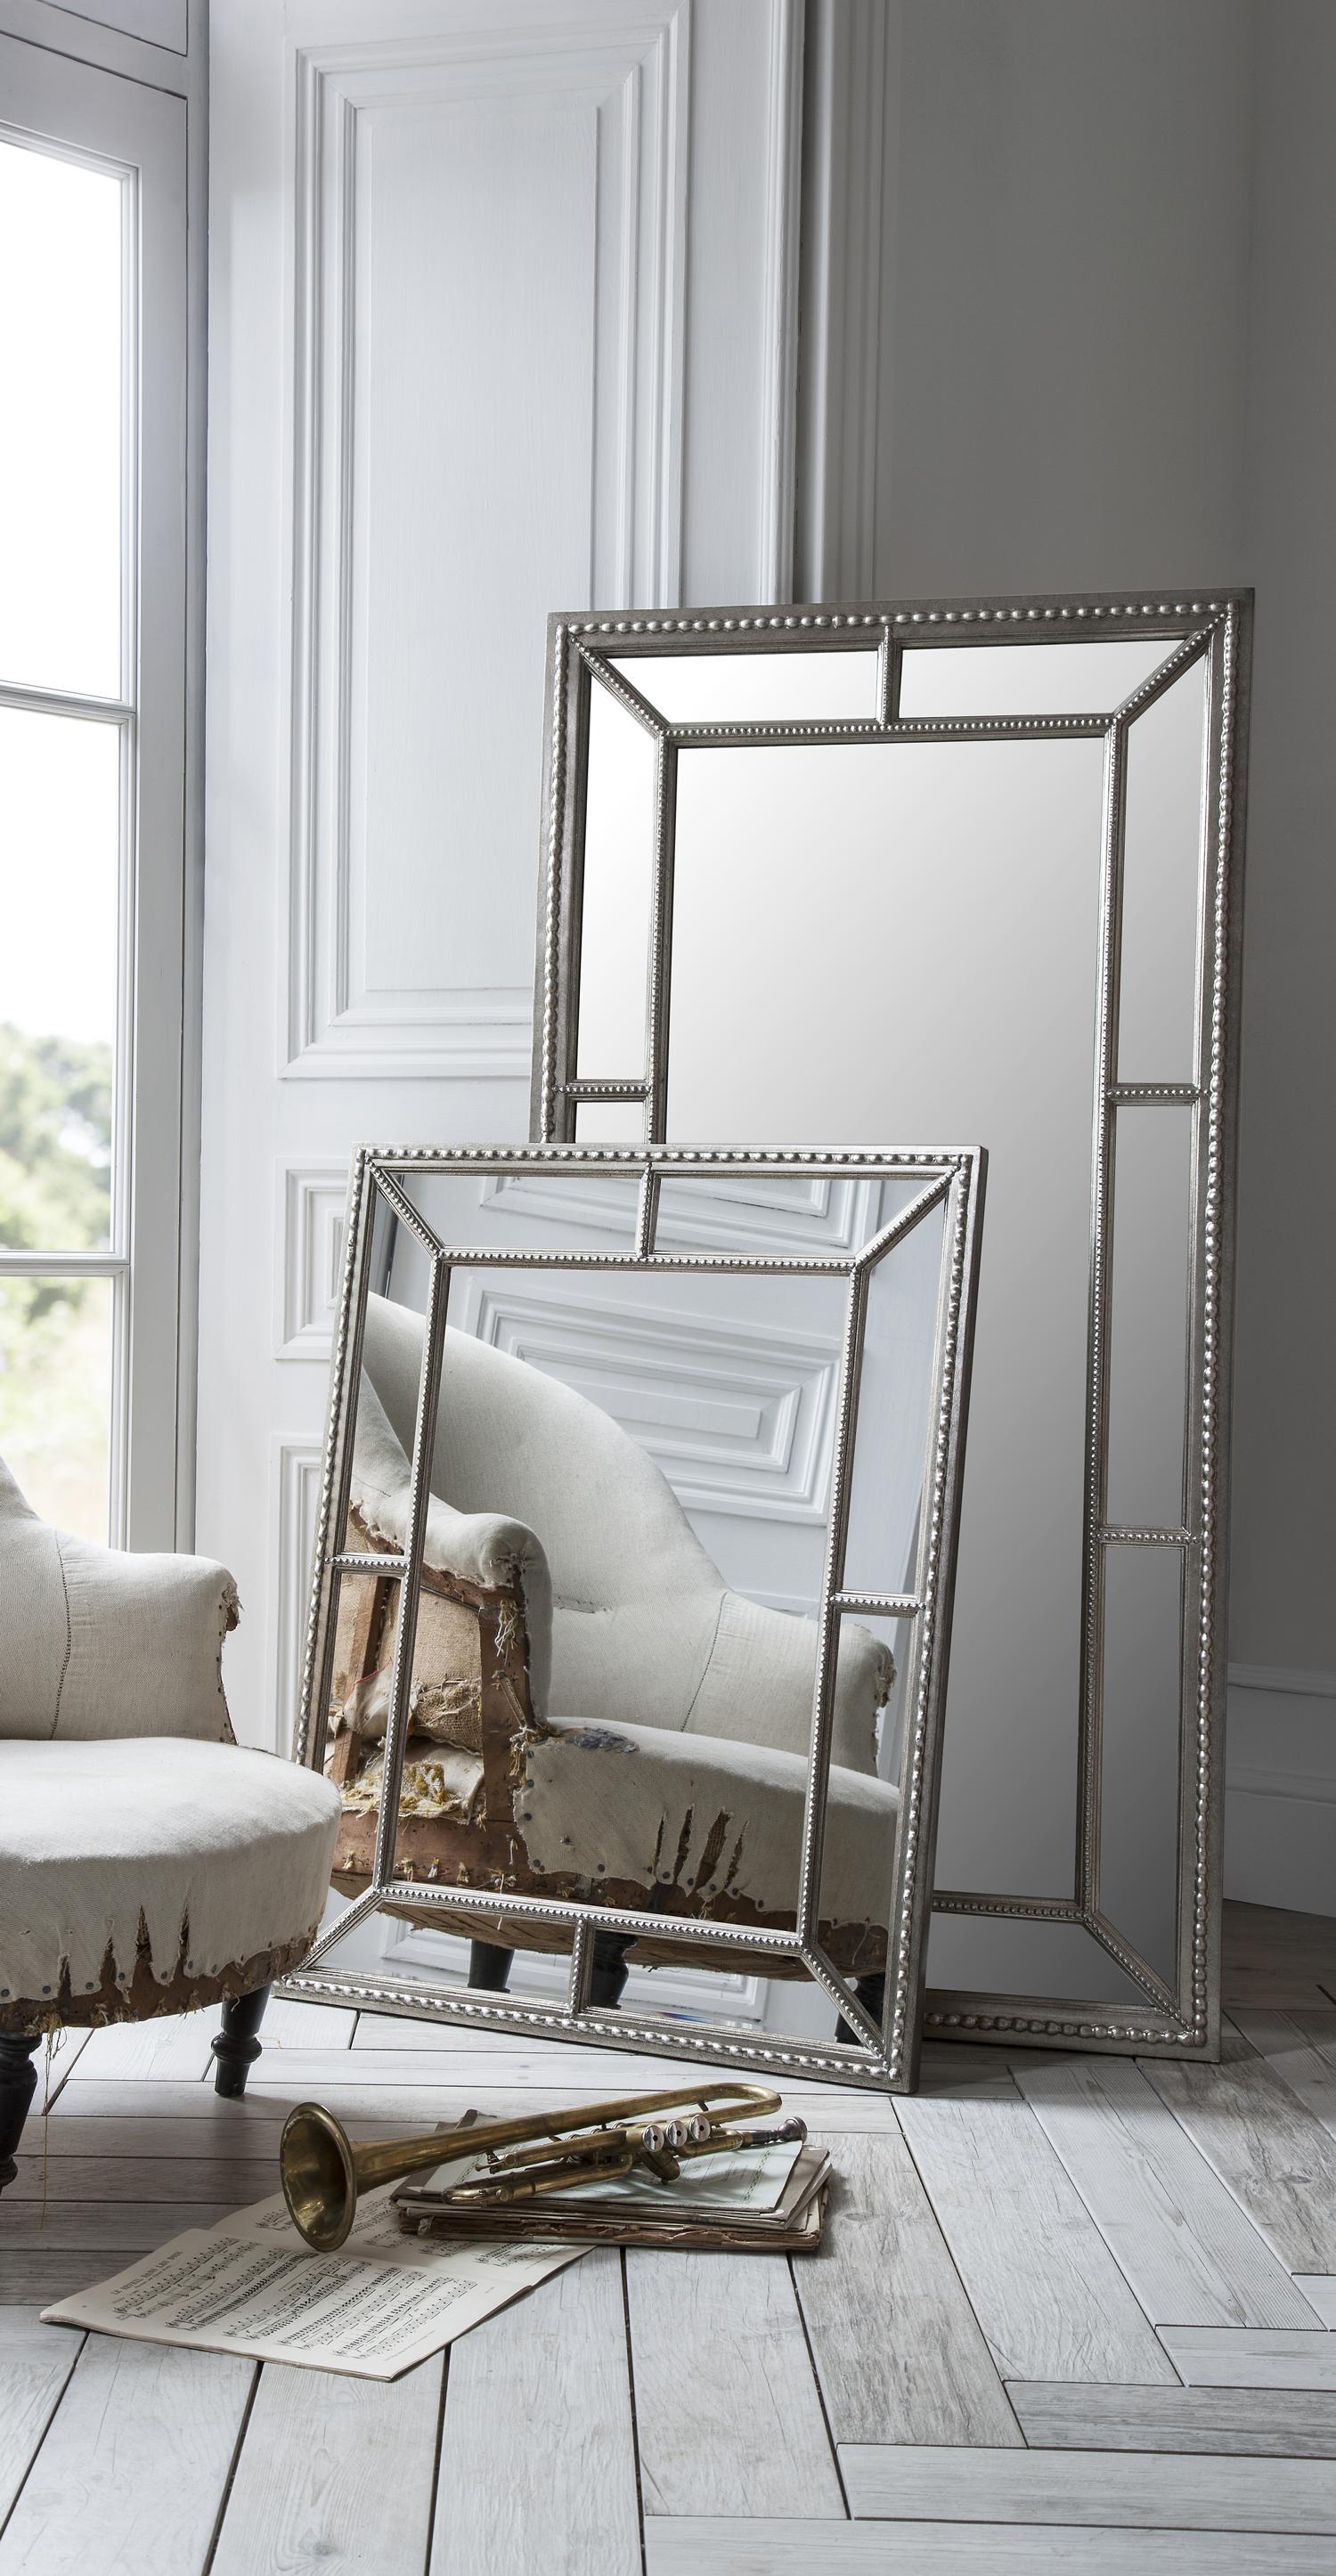 Wandspiegel Jaylin Wohnzimmer Spiegel Spiegel Schmucken